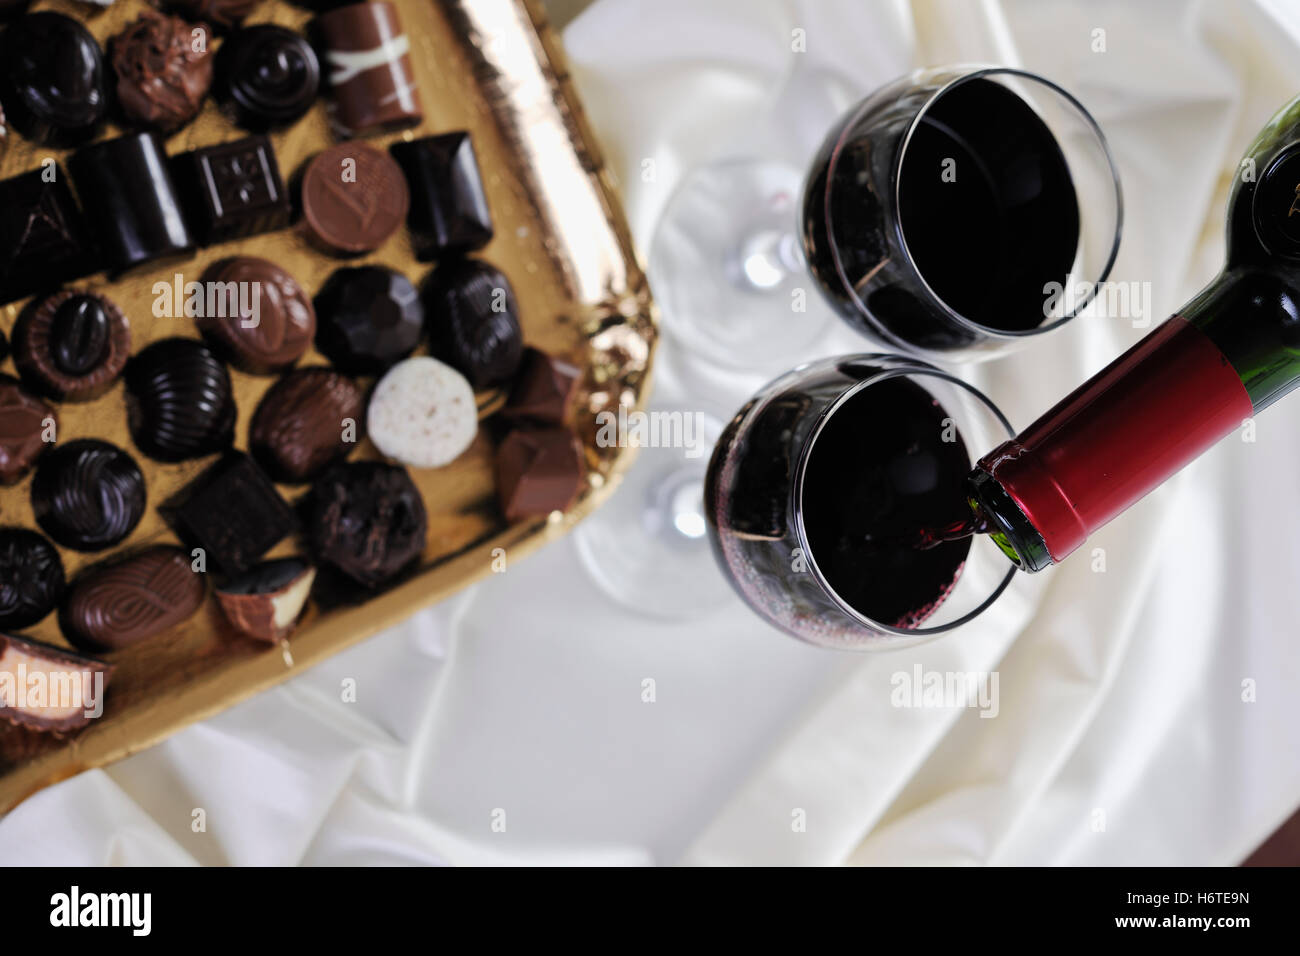 Restaurant La vie toujours présent tumbler calice en verre verre alimentaire aliment sucré bavoirs potable brunâtre brun isolé brunette Banque D'Images